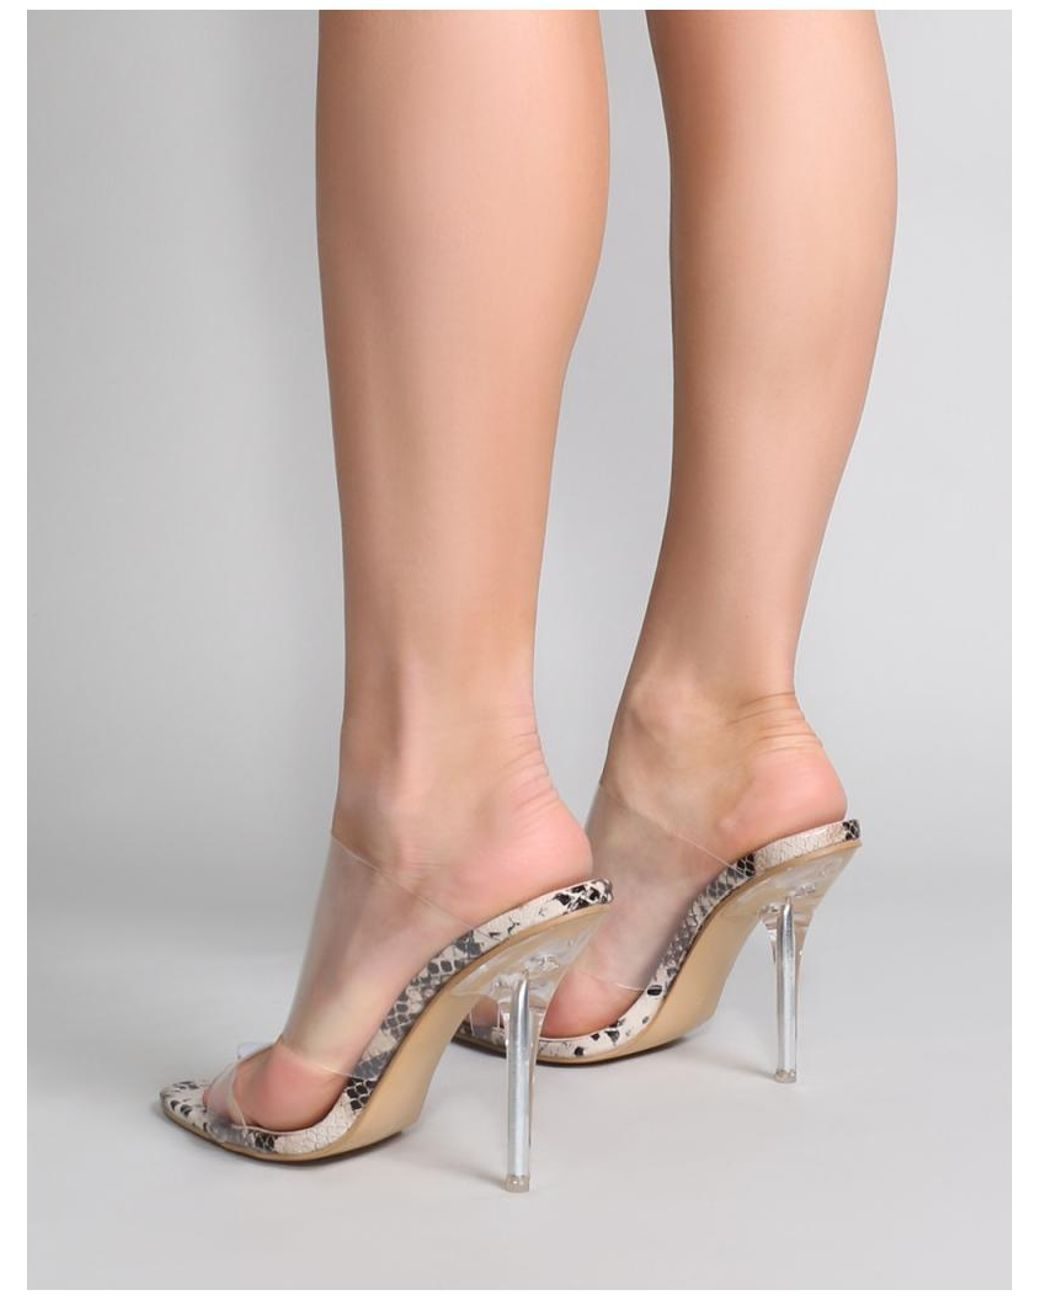 f1ee945fce4 Lyst - Public Desire Boujee Perspex Heel Mules In Faux Snake